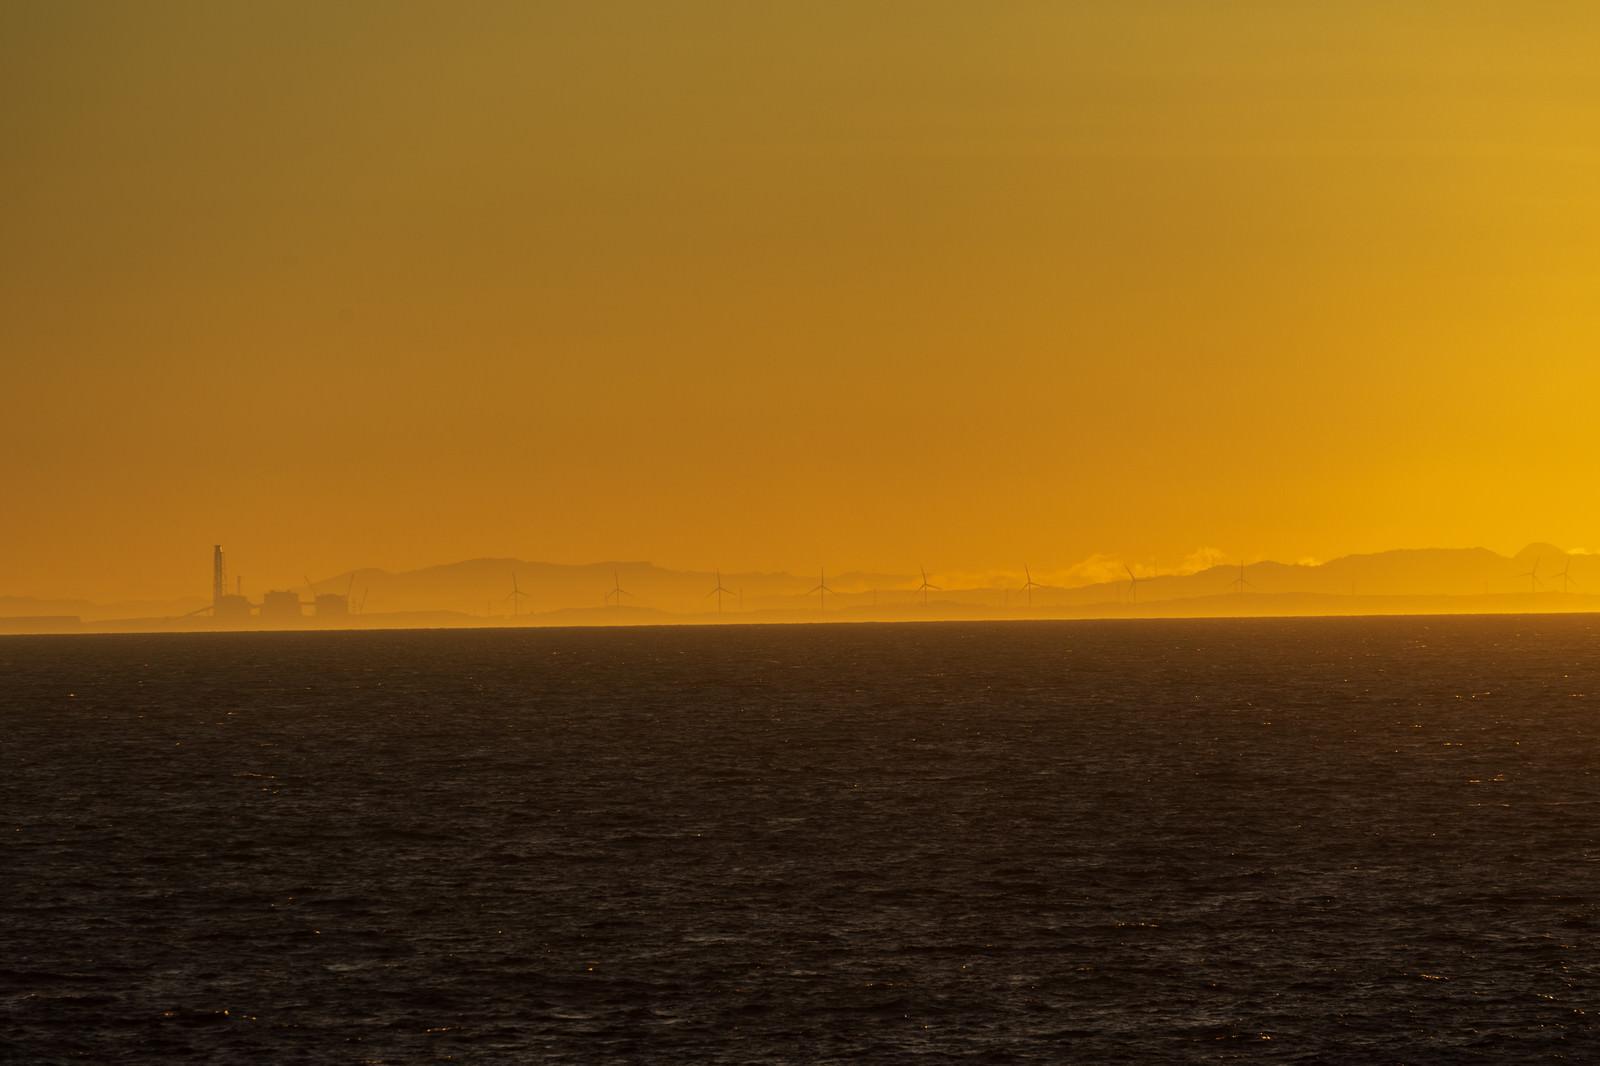 「朝靄の中に浮かびあがる風車群」の写真